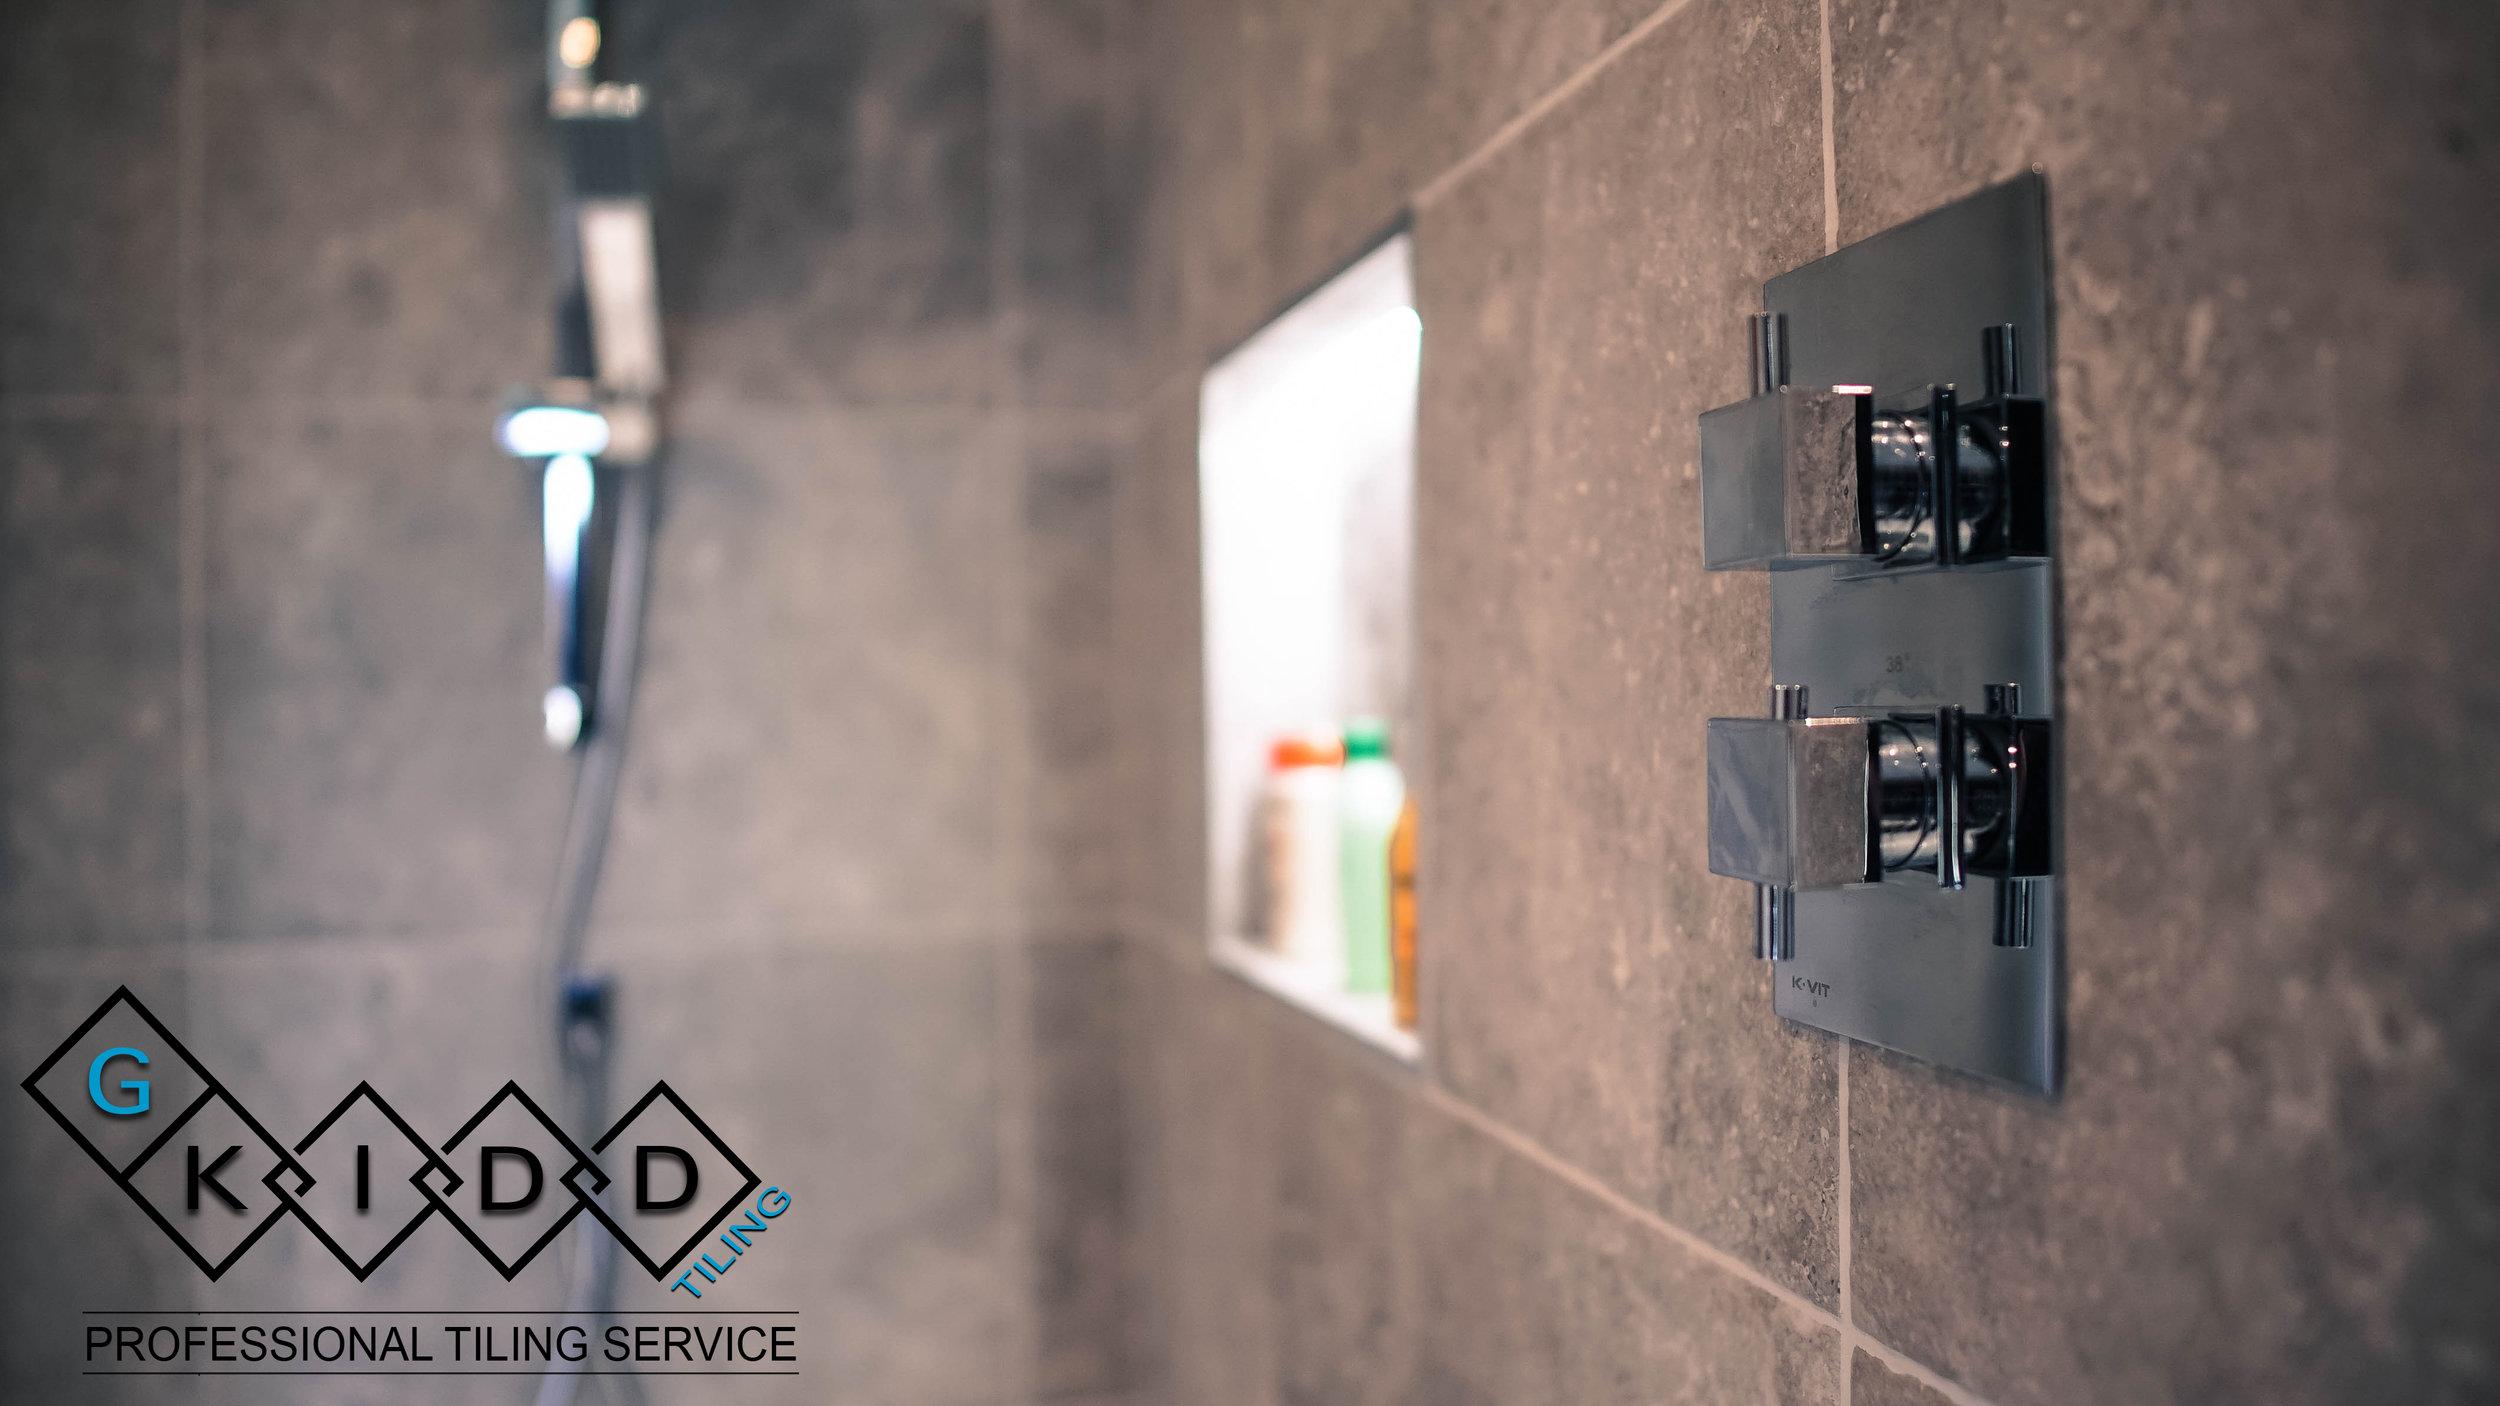 EK-Bathroom-5.jpg